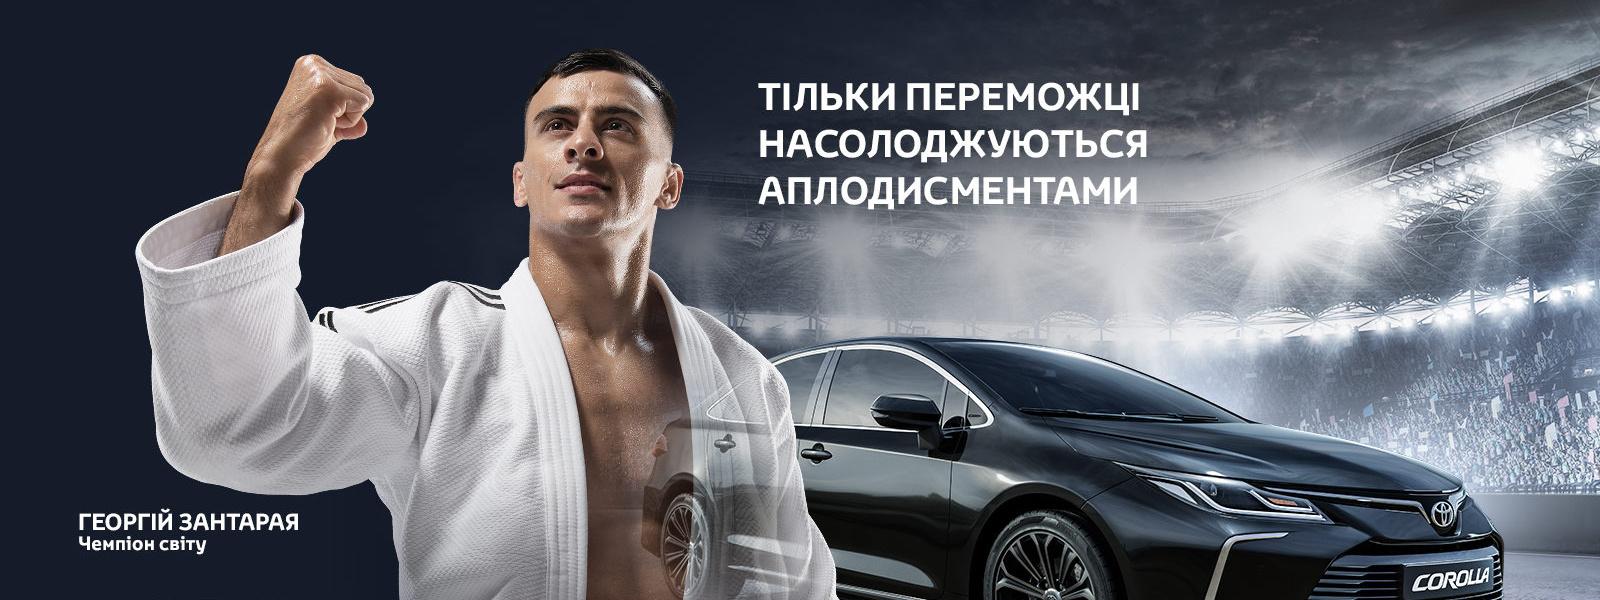 corolla_ta_georgij_zantaraya_1600x900_tcm_3046_1831958_01